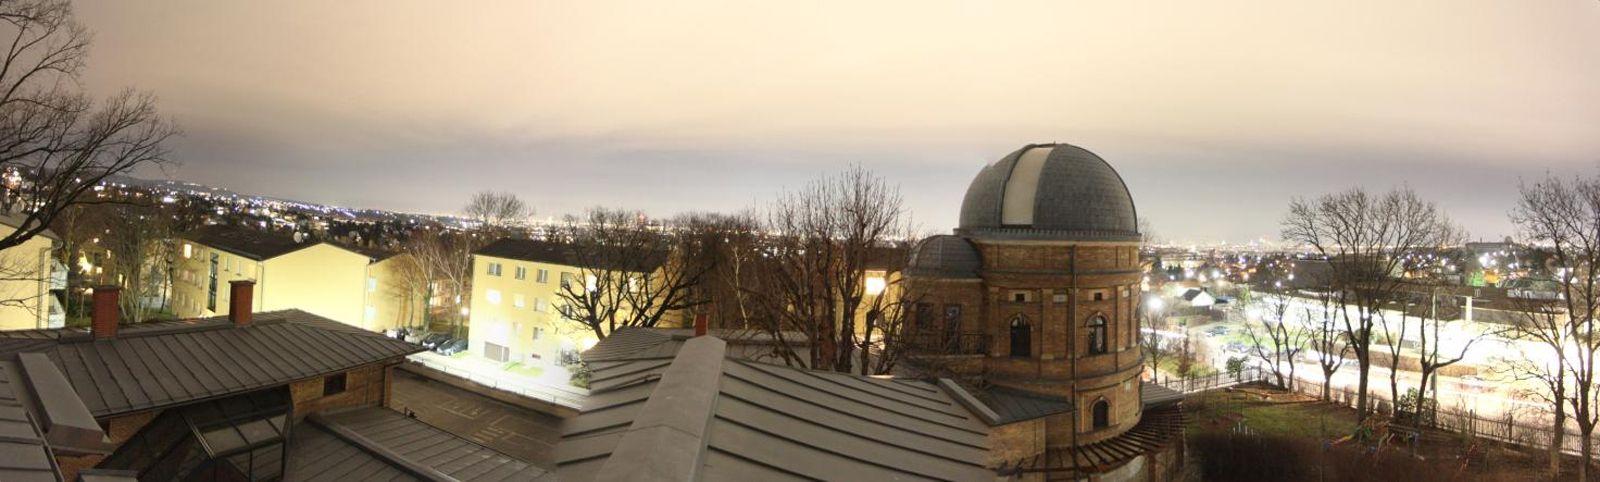 Lichtglocke über Wien von der Kuffner-Sternwarte (6km vom Stadtzentrum)